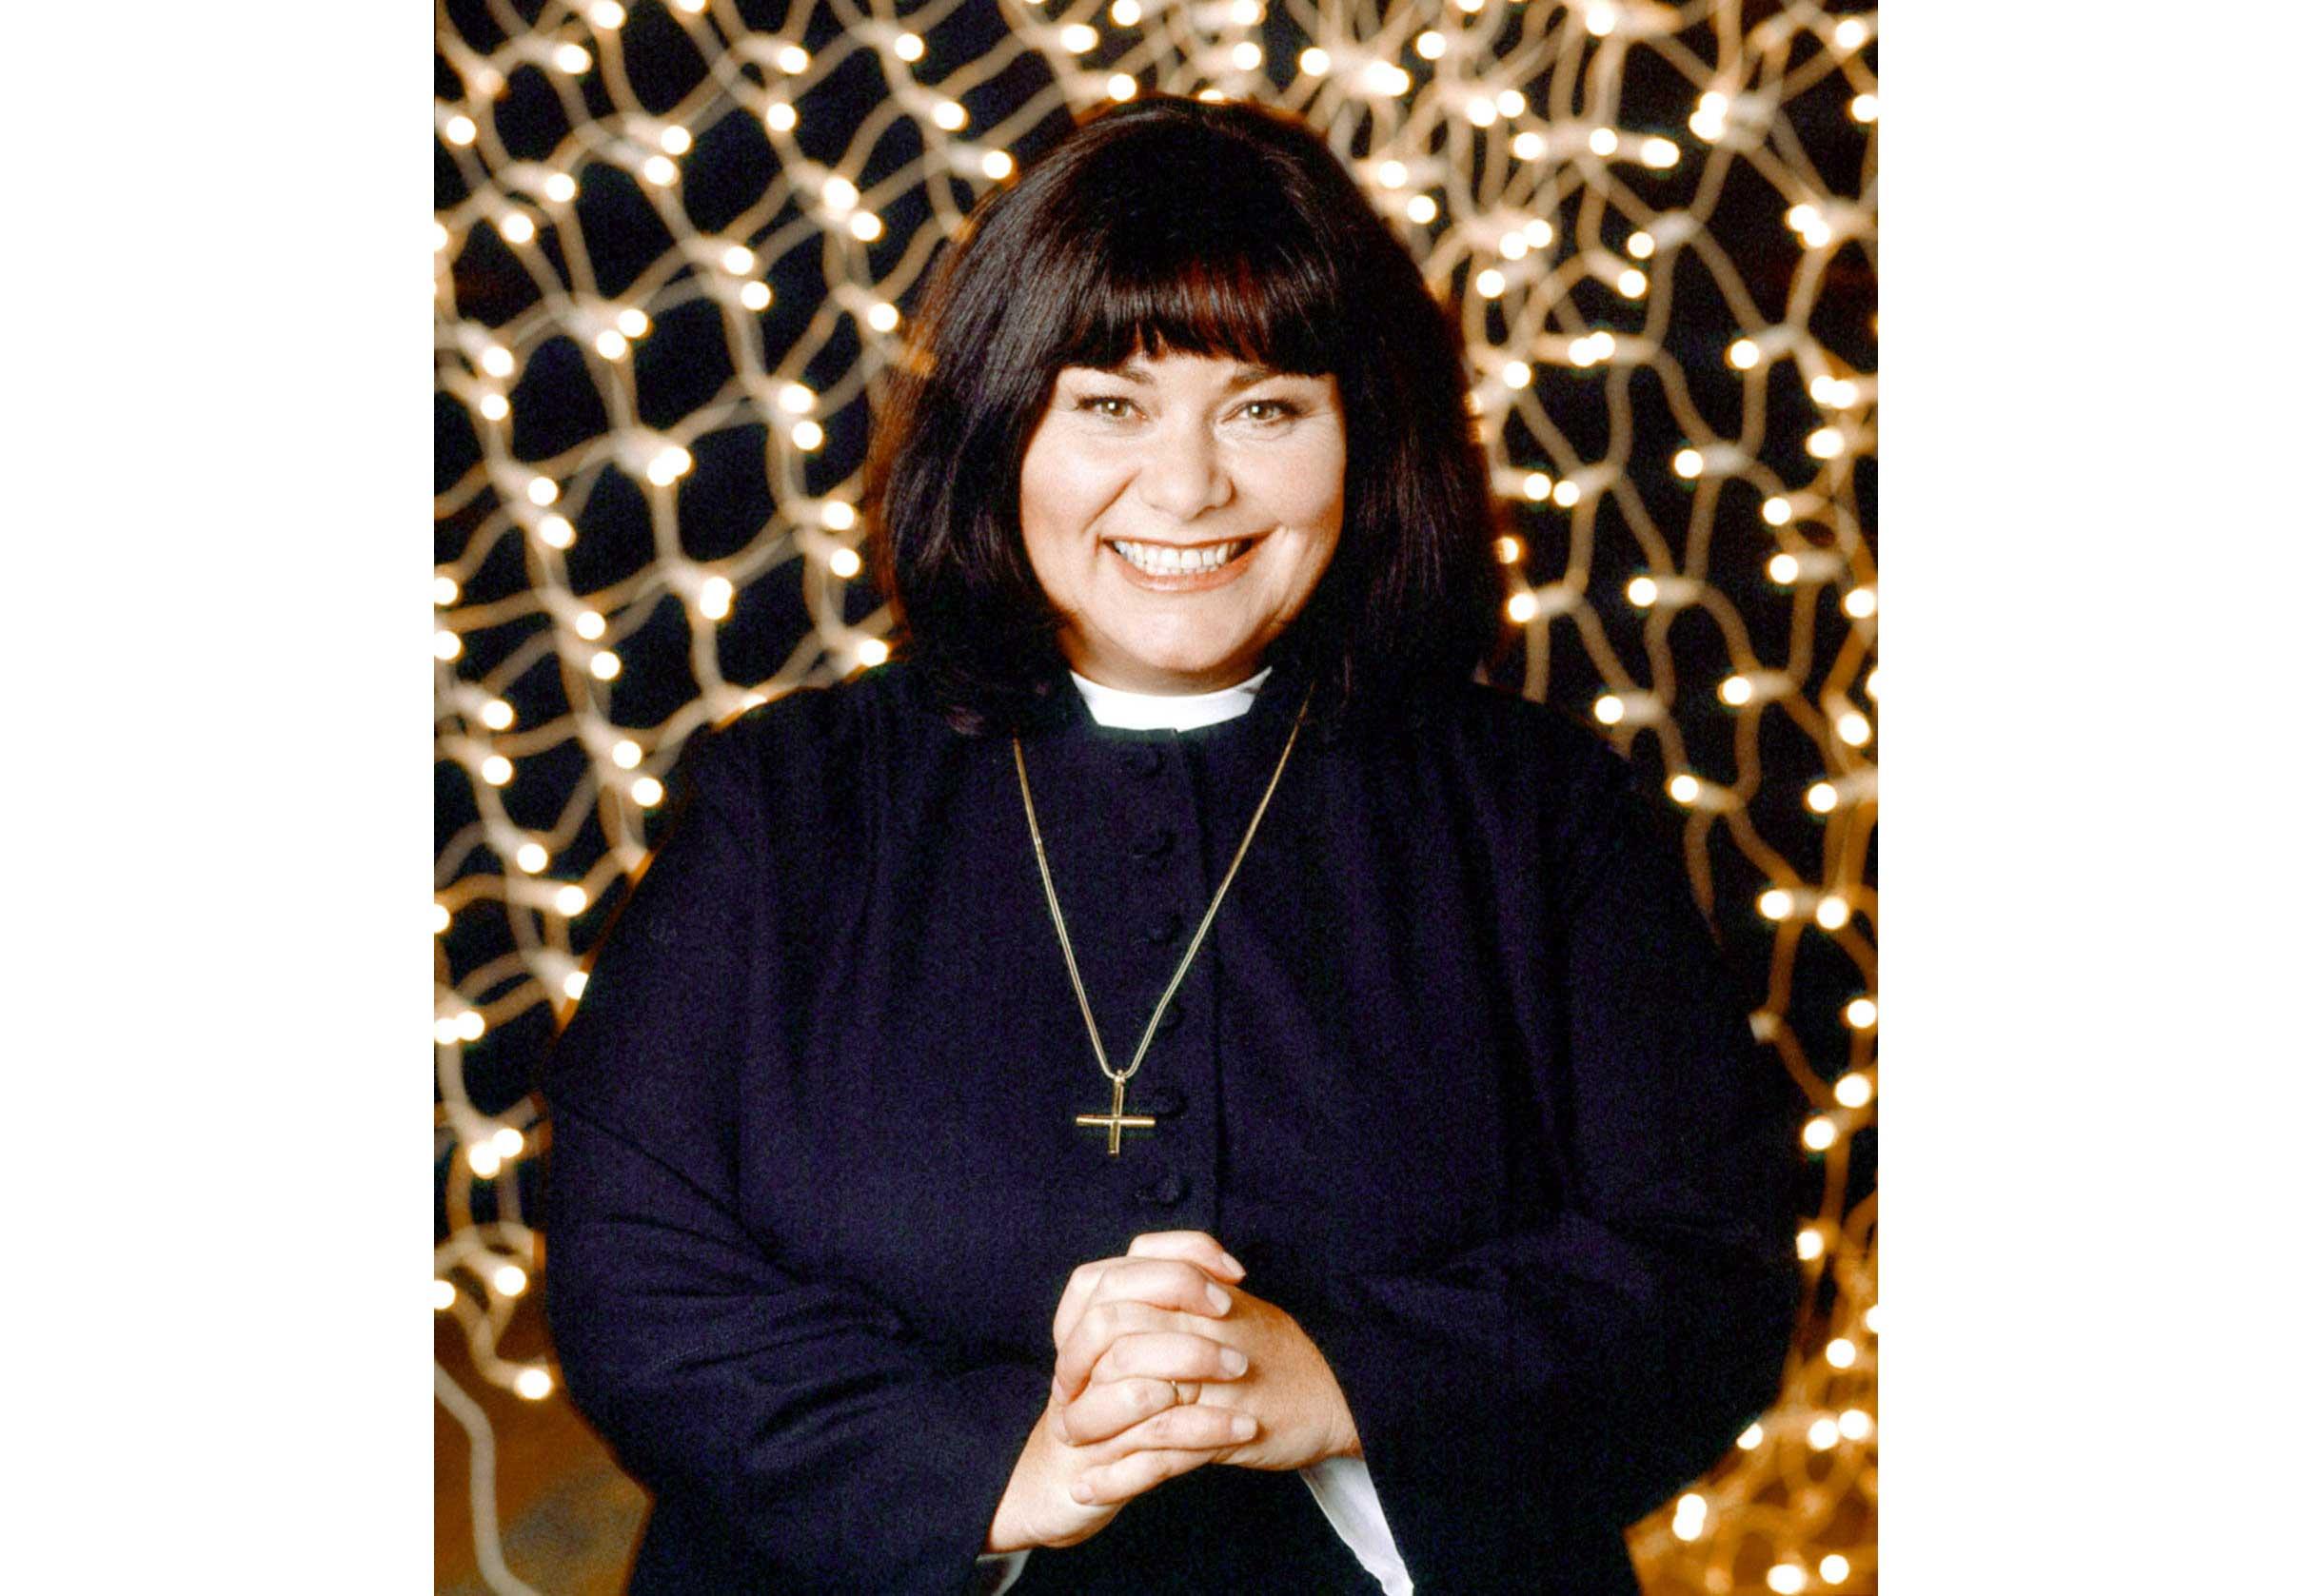 vicar-of-dibley.jpg